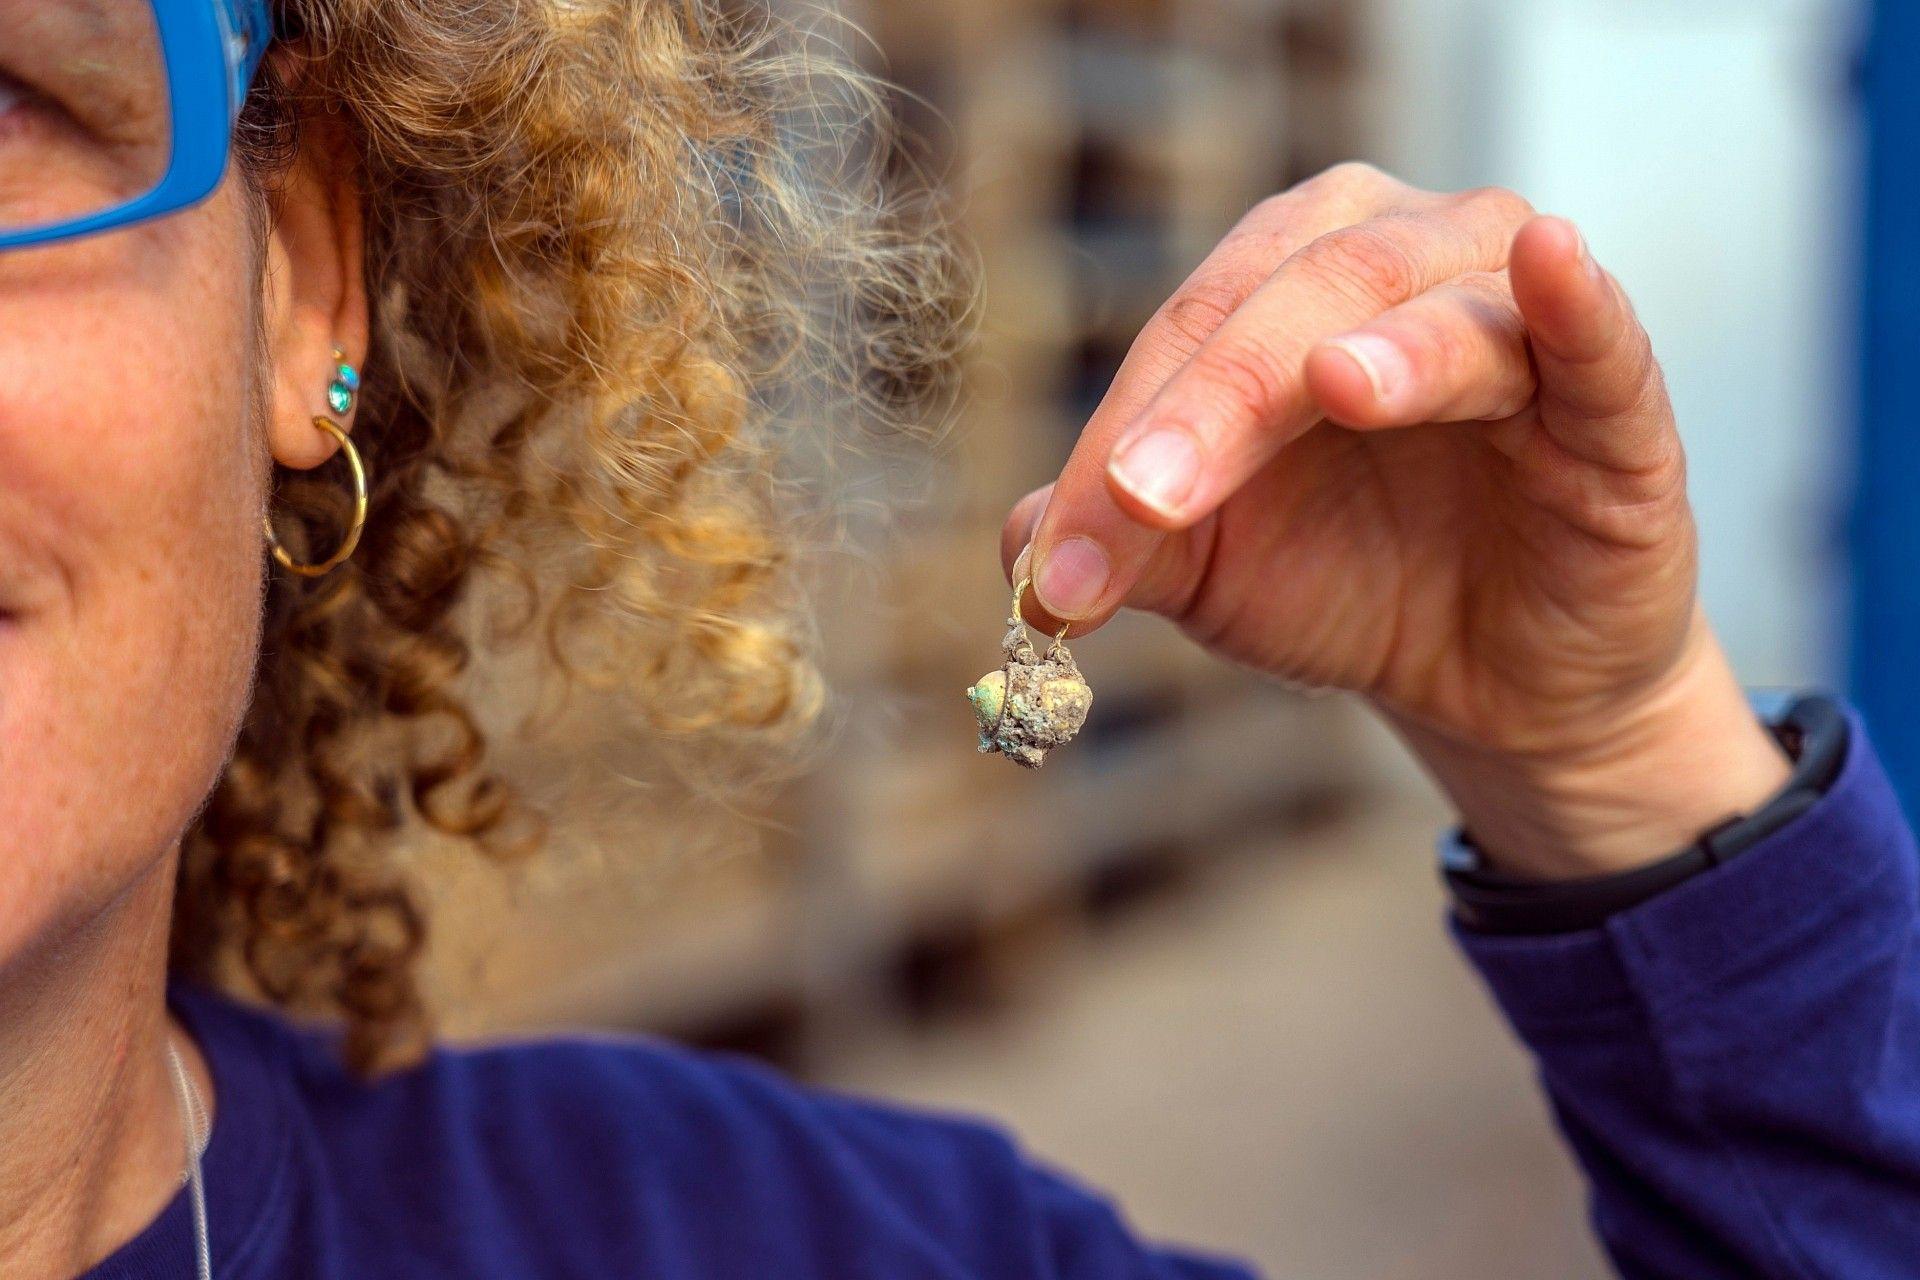 Moedas de ouro raras e brinco com 900 anos encontrados em Israel